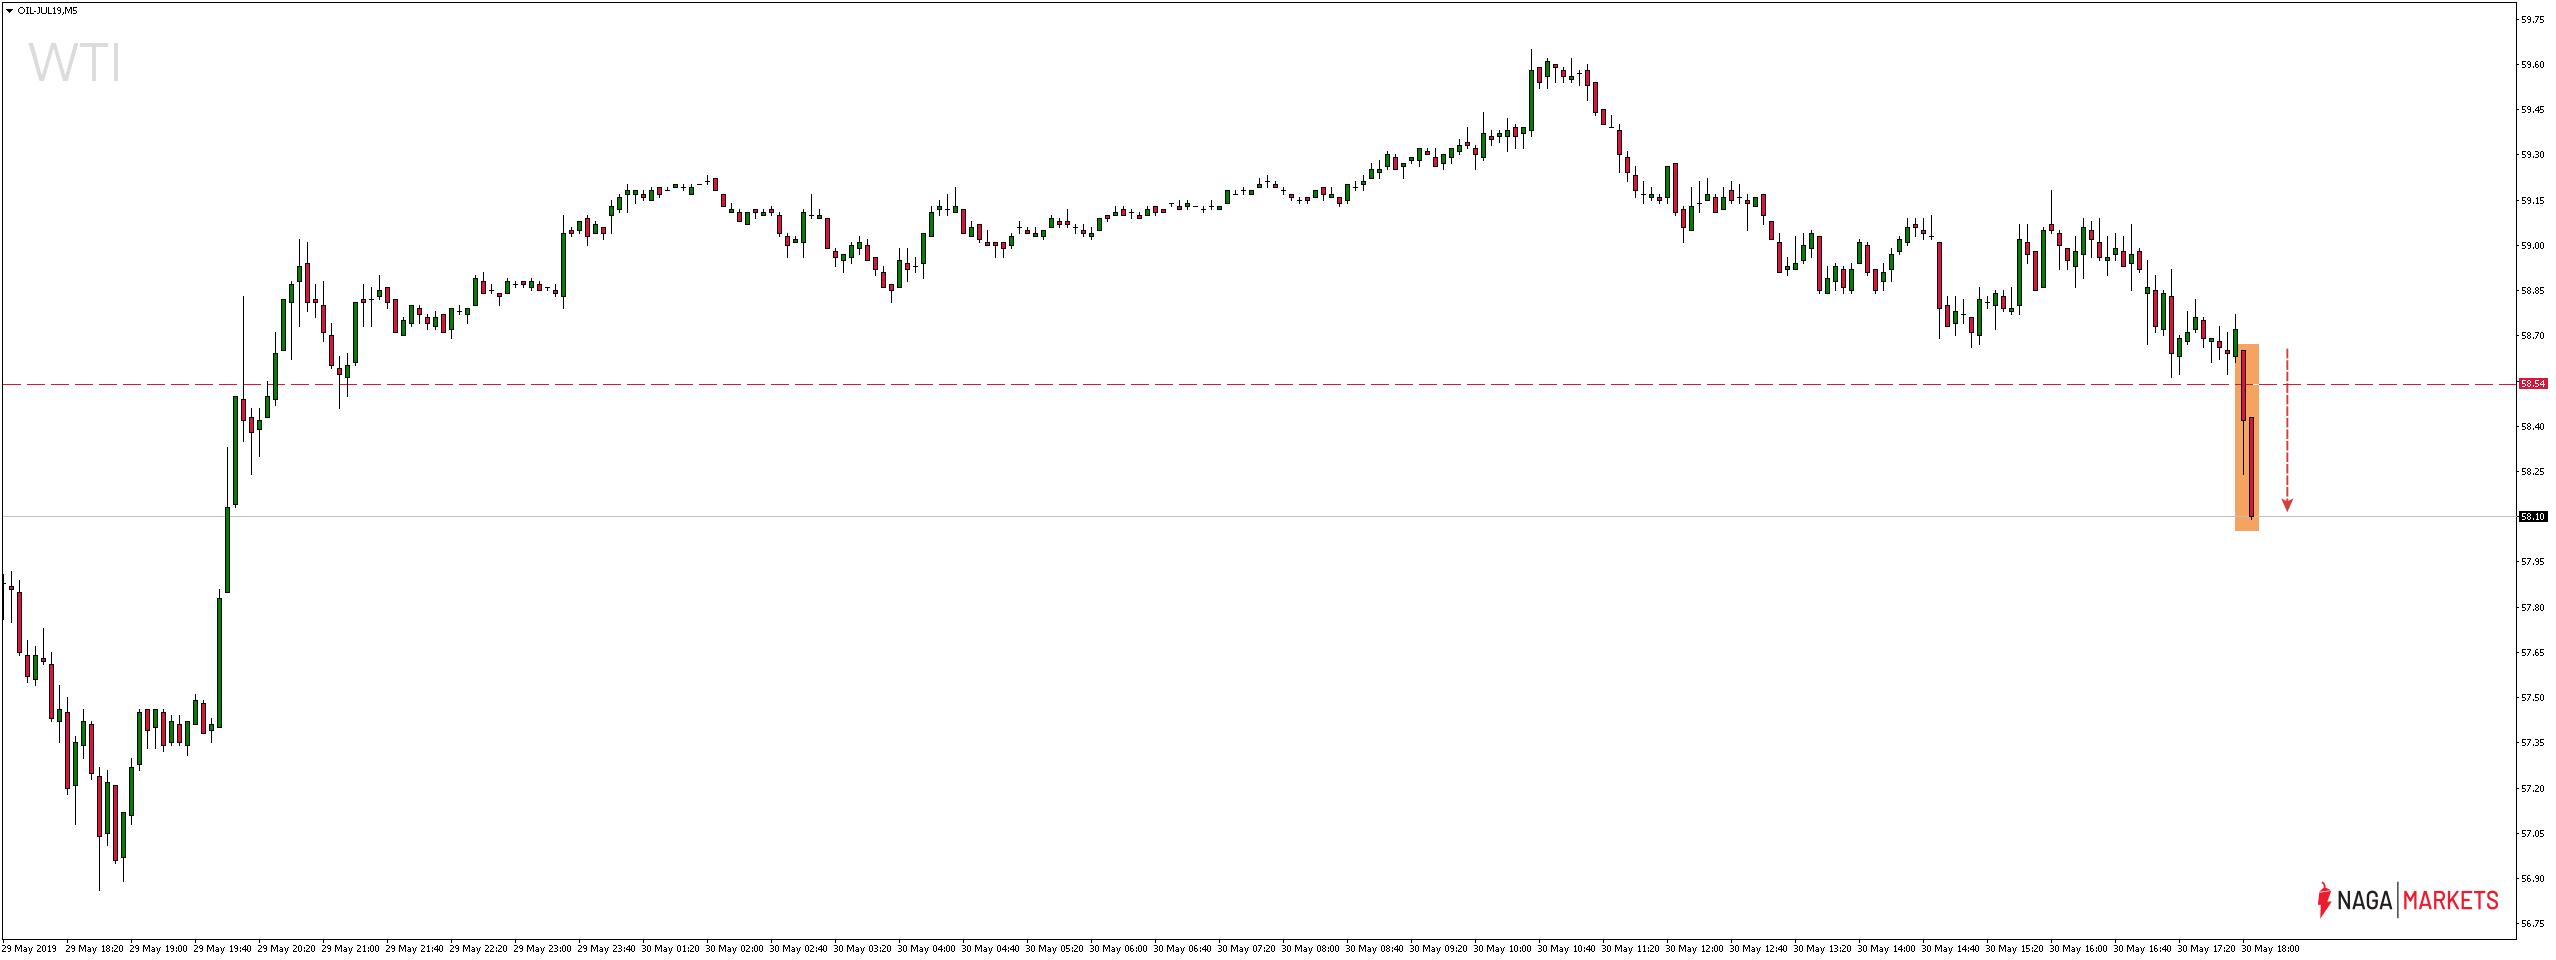 Cena ropy naftowej spada